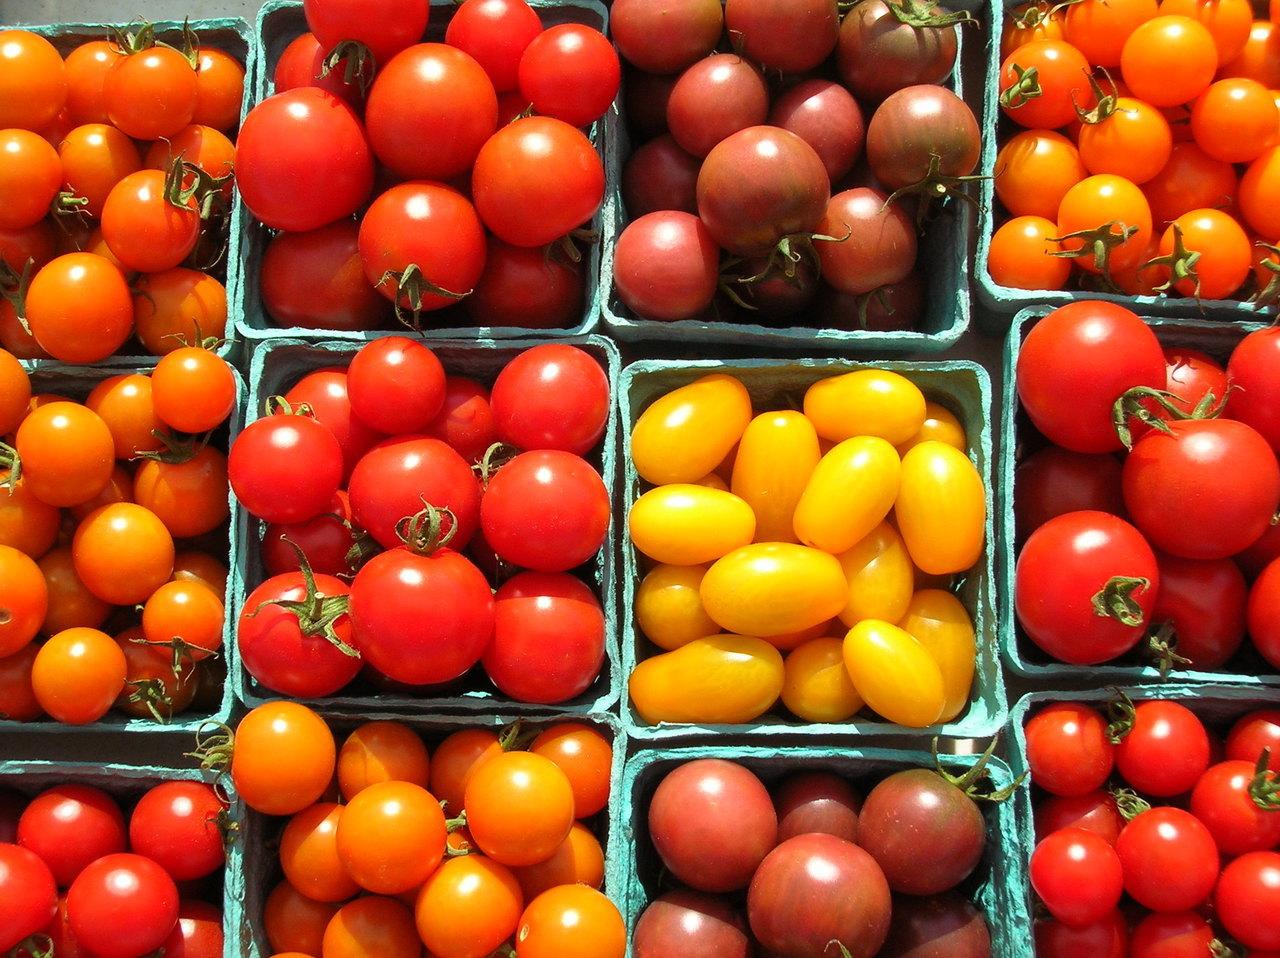 A range of fresh tomatoes